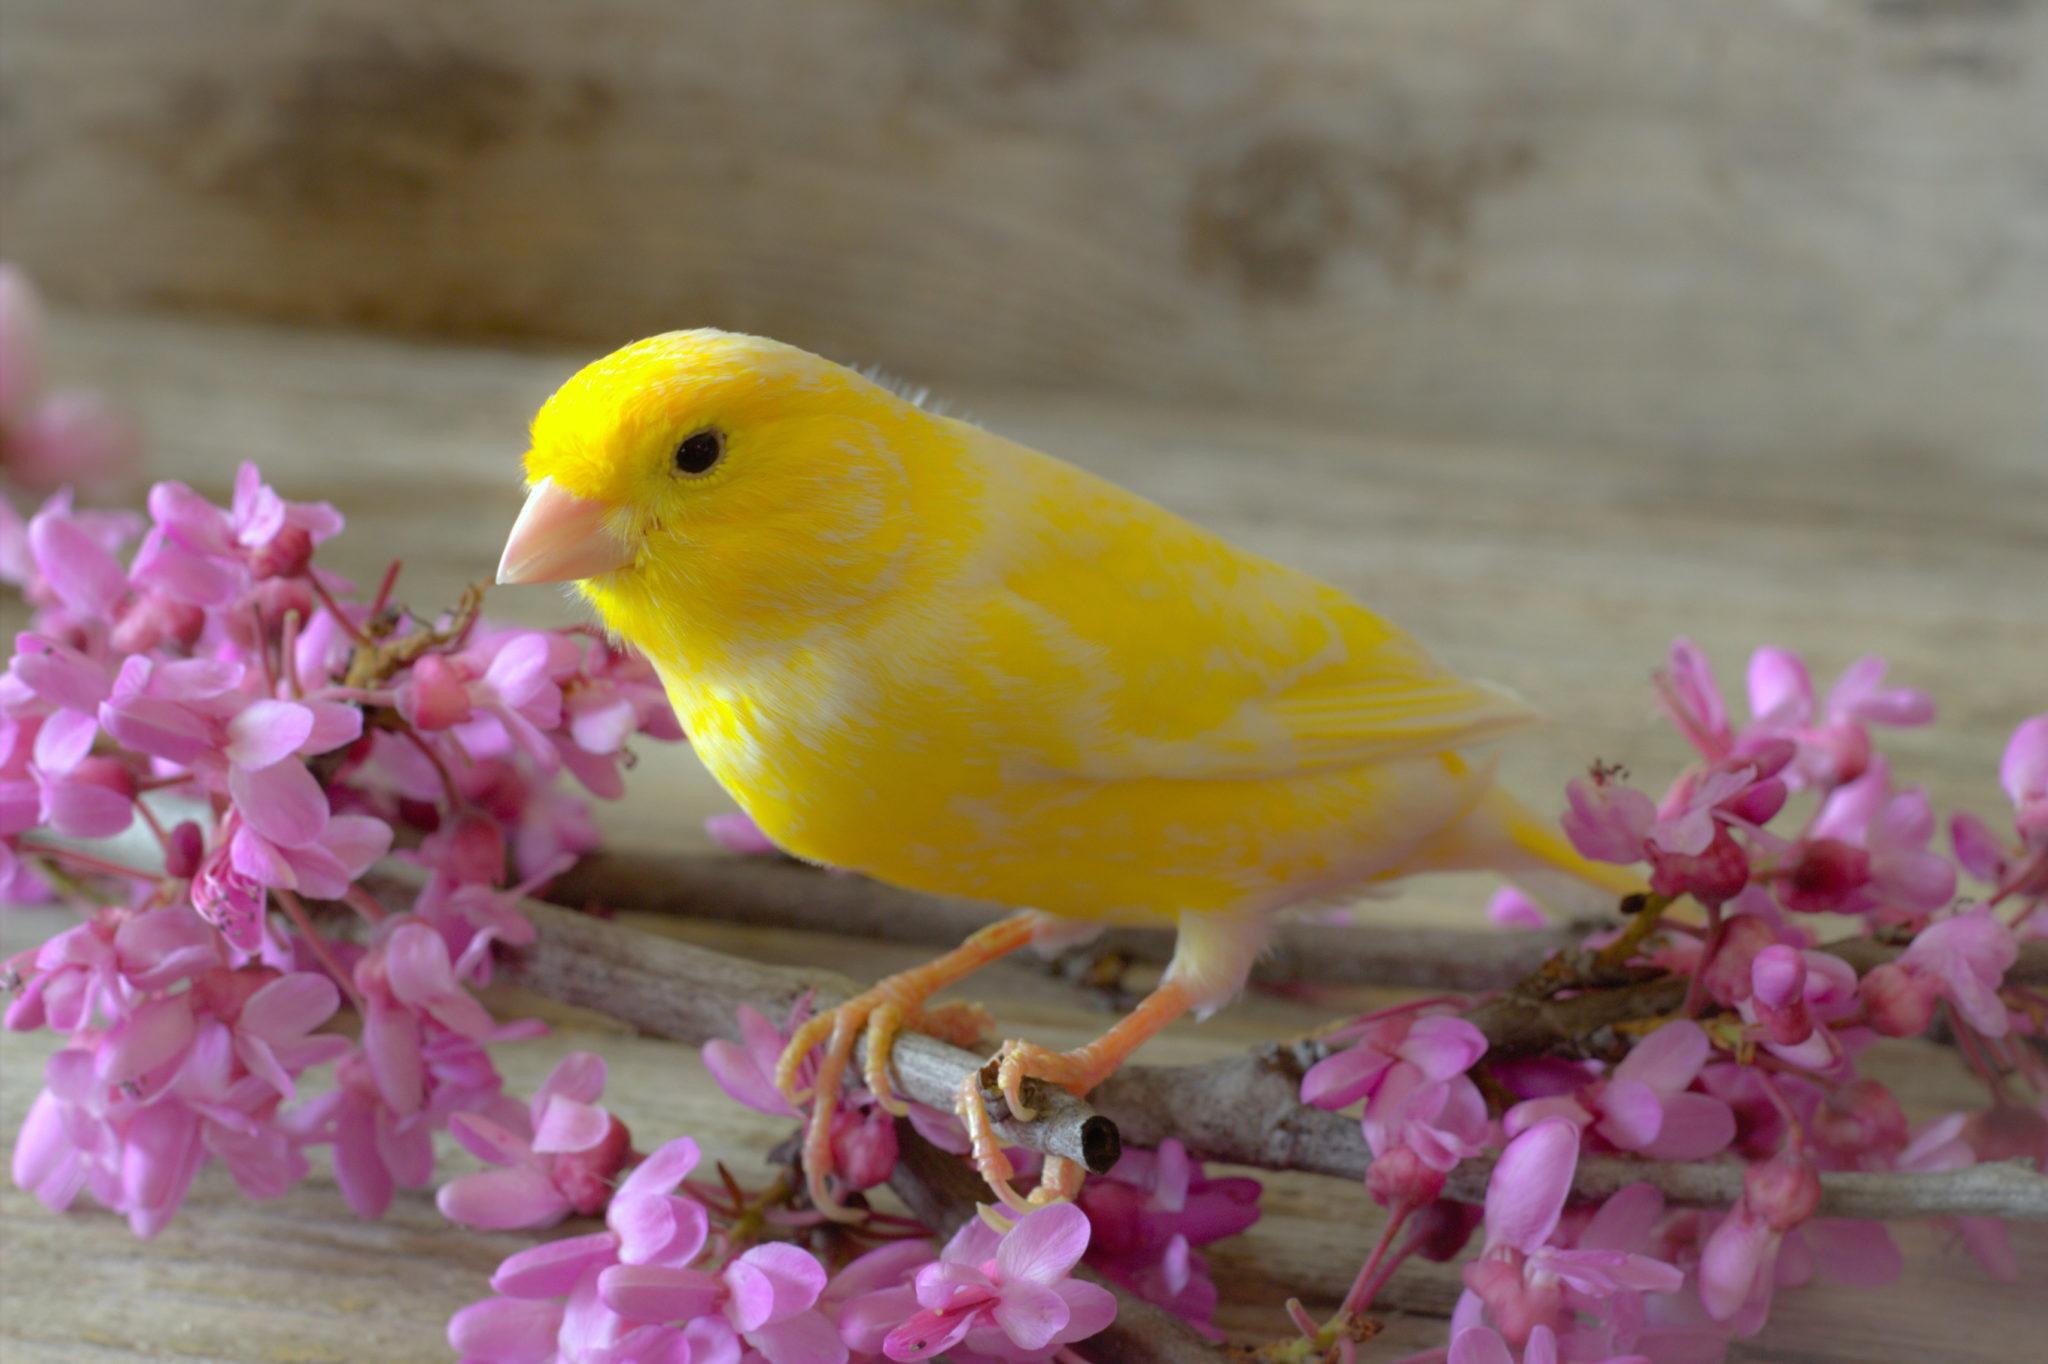 Gräsersorten kanarienvogel ernährung was fressen kanarienvögel